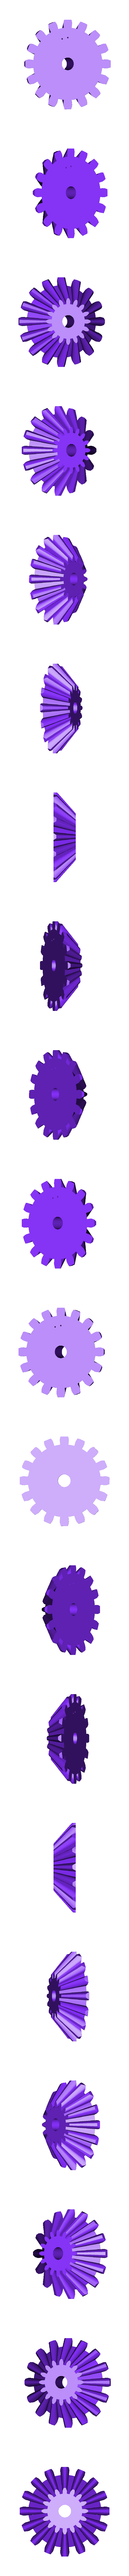 Bevel_gear_mechanism_right_gear.stl Télécharger fichier STL gratuit Mécanisme qui ne tourne que dans un sens, quoi qu'il arrive !!!!! Engrenage conique • Objet à imprimer en 3D, matthewdwulff